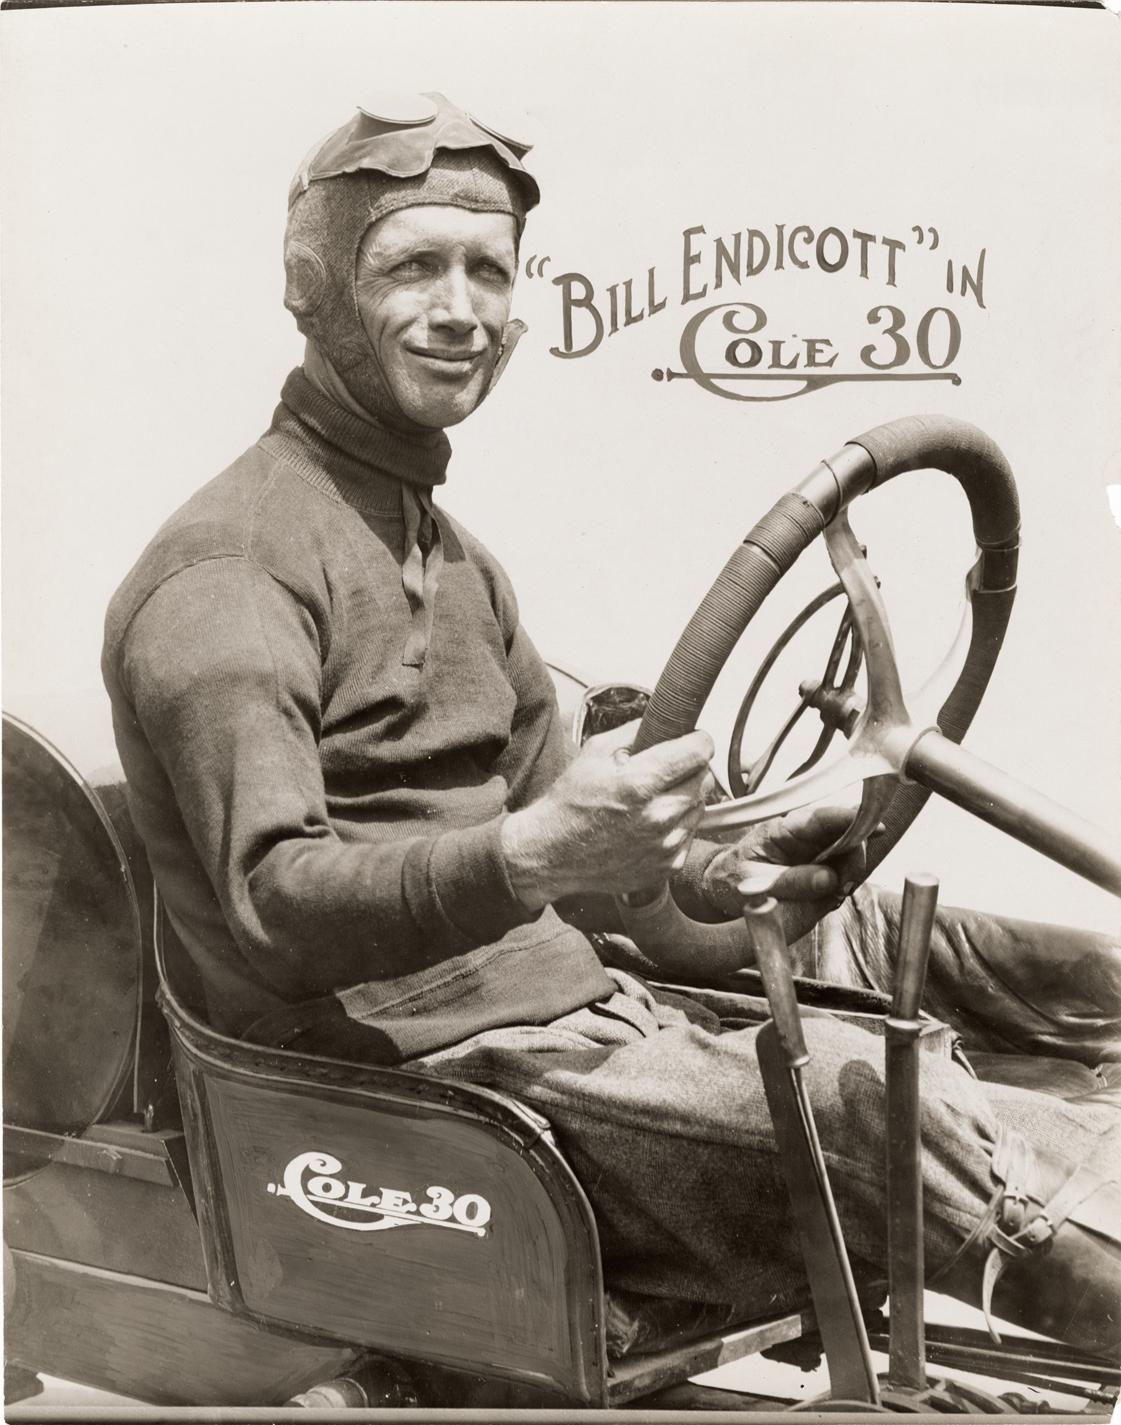 Bill Endicott posing in a Cole 30 racecar | DPL DAMS